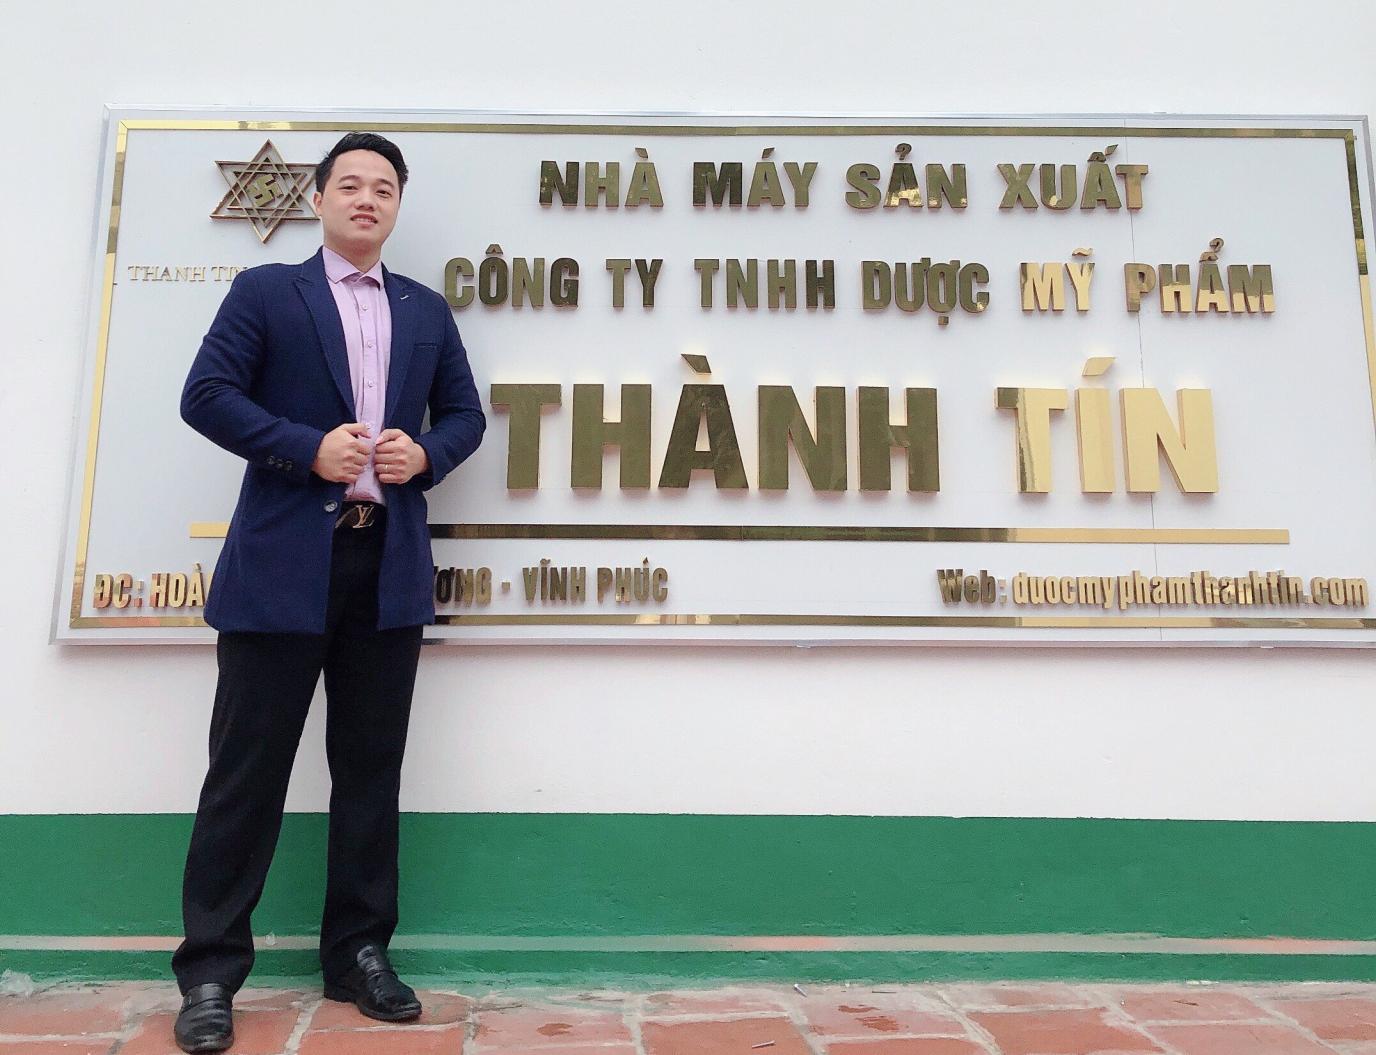 CEO Tiến Phương – Người truyền cảm hứng và tạo lên giá trị cho hàng ngàn chủ Spa khắp cả nước - Ảnh 6